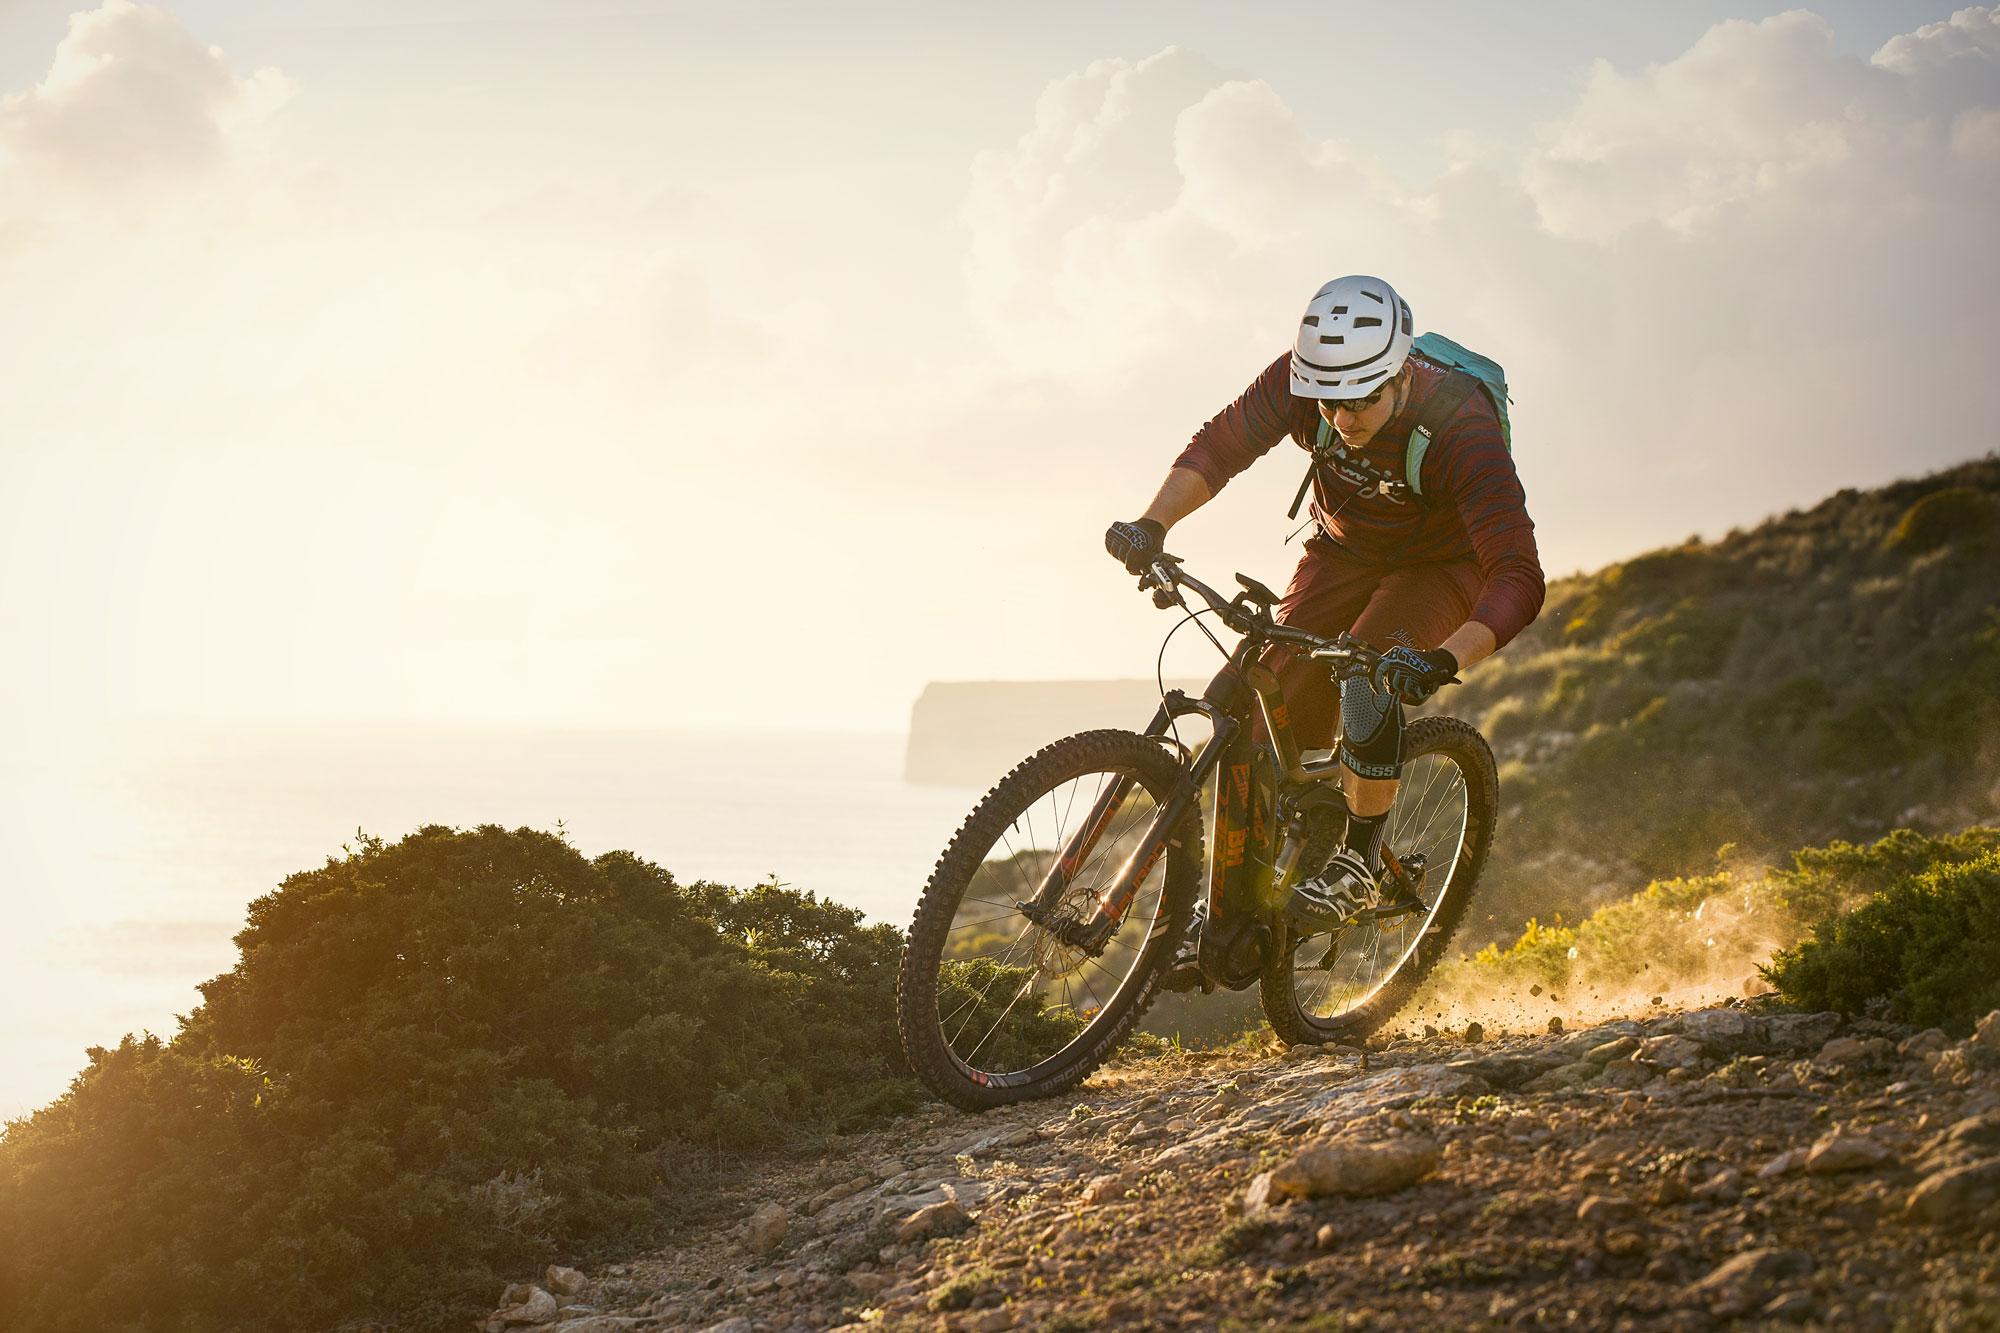 tobias-woggon-bh bikes-portugal